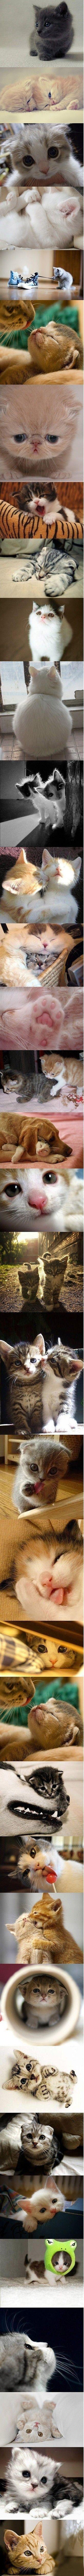 Cute pets.